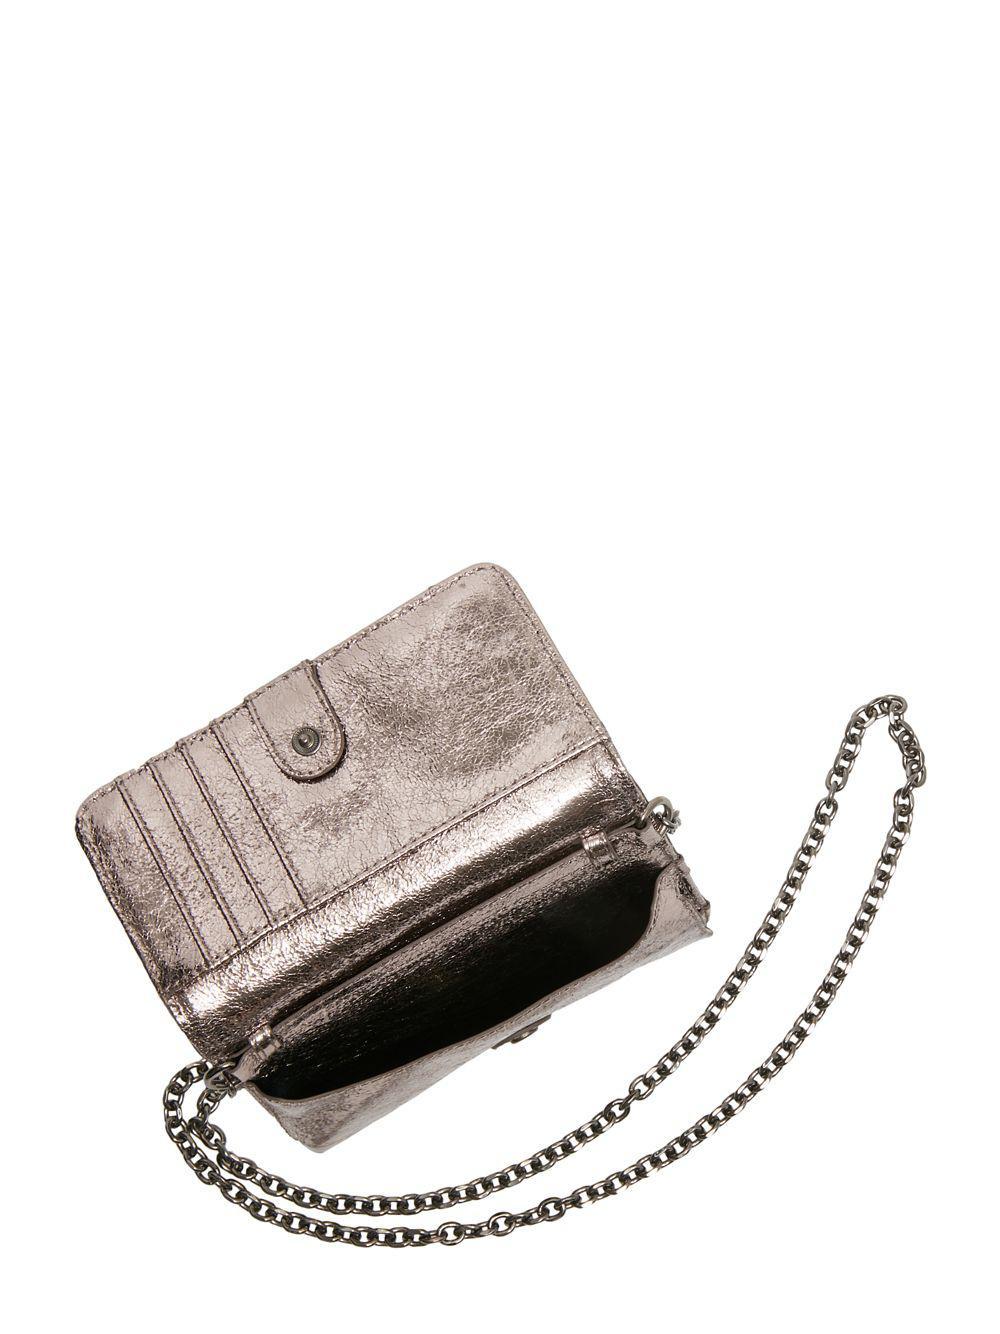 72234bb982d5 Betsey Johnson Rock On Embellished Crossbody Wallet in Metallic - Lyst